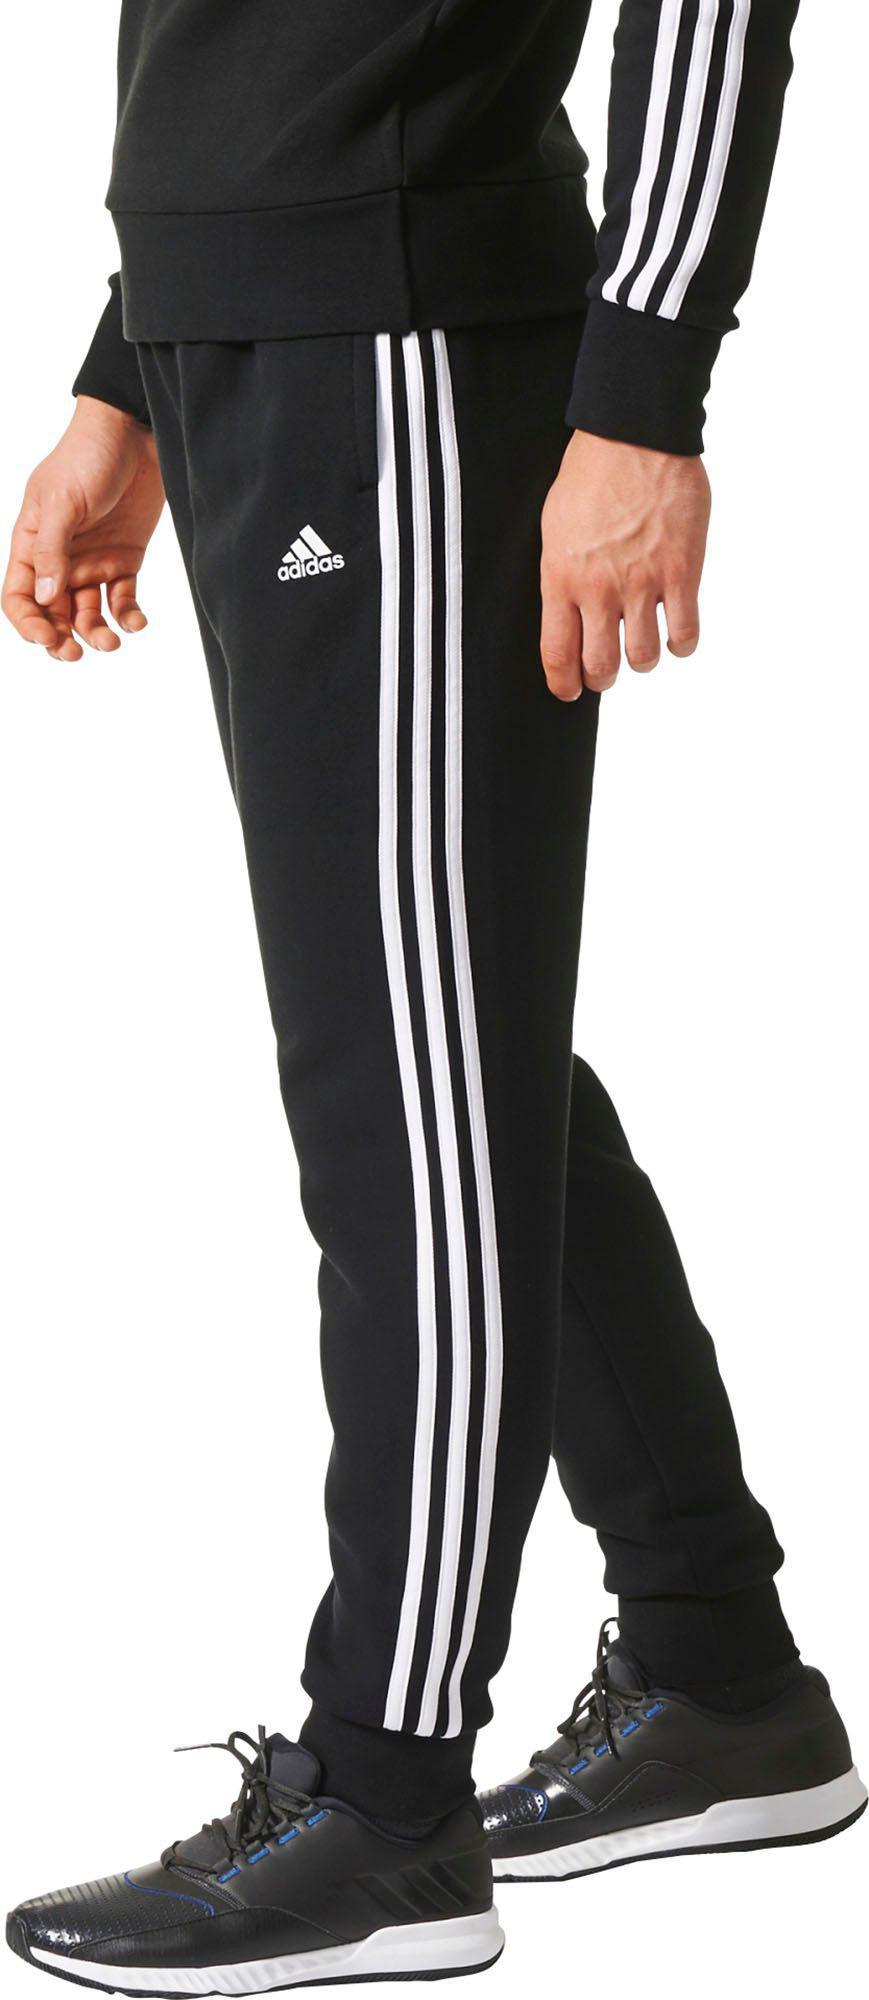 Men's Black Essentials 3 stripes Jogger Pants